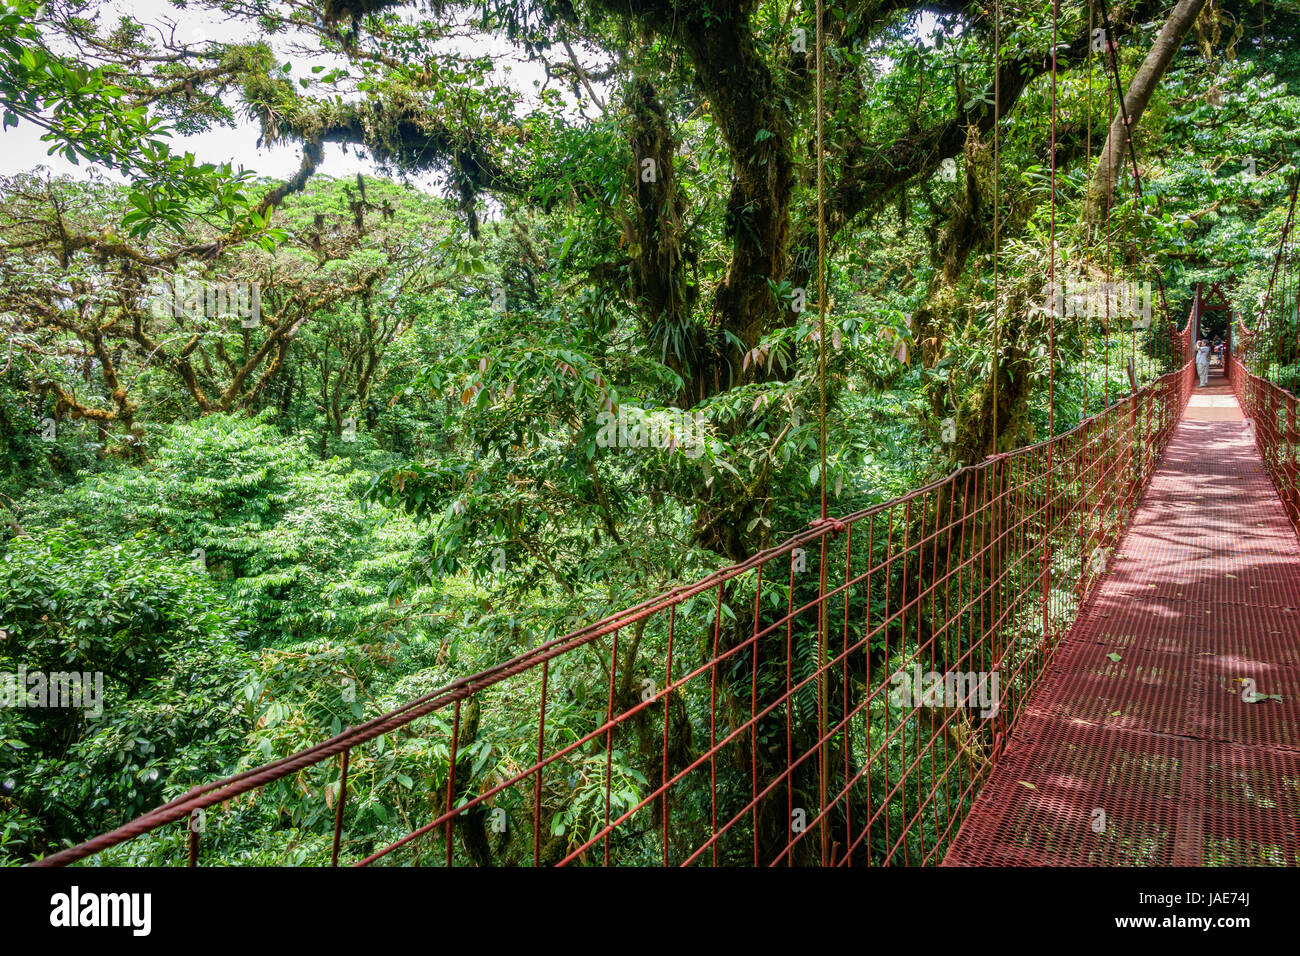 Amplio ángulo de visión de puente colgante rojo en el Bosque Lluvioso de Monteverde en el lado derecho Imagen De Stock